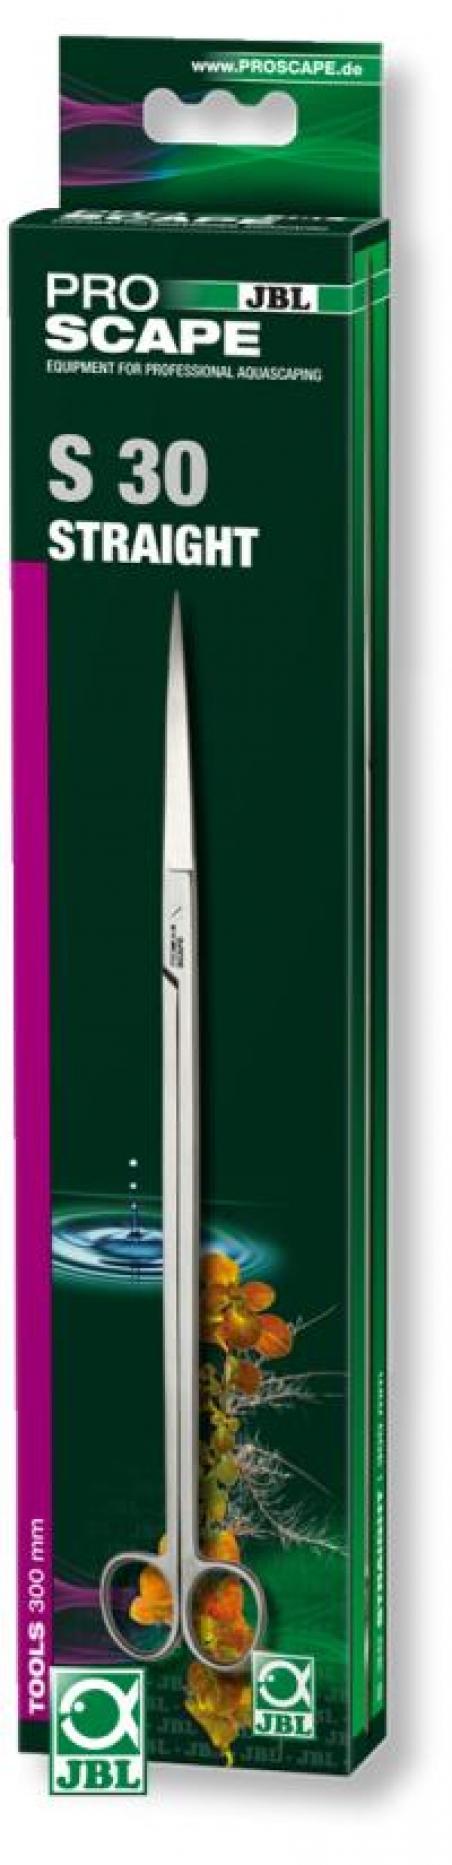 JBL ProScape Tool S straight, 30 см - Прямые ножницы для ухода за растениями в аквариуме